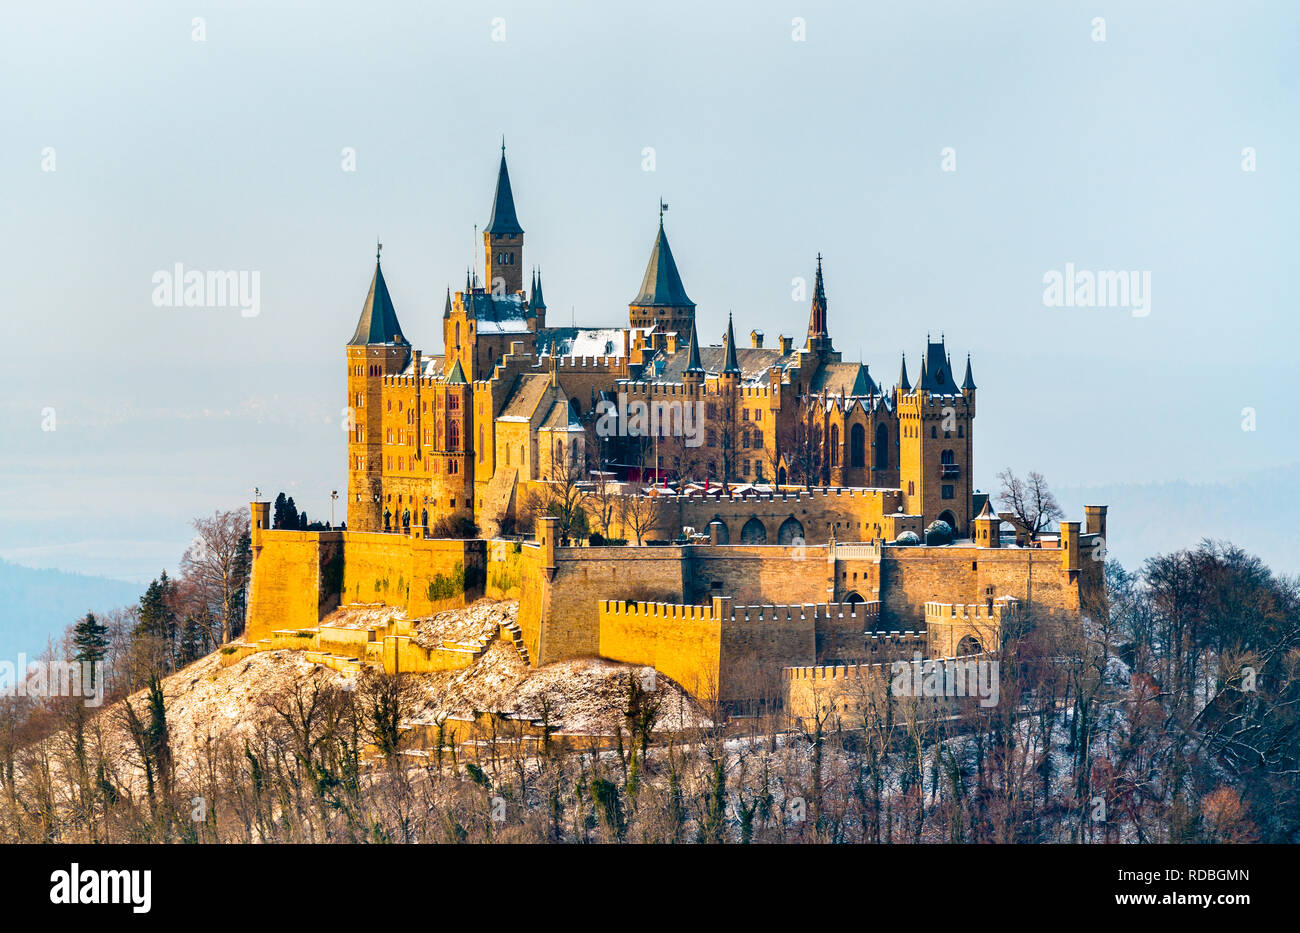 Hohenzollern Castle Snow Stockfotos Und Bilder Kaufen Alamy